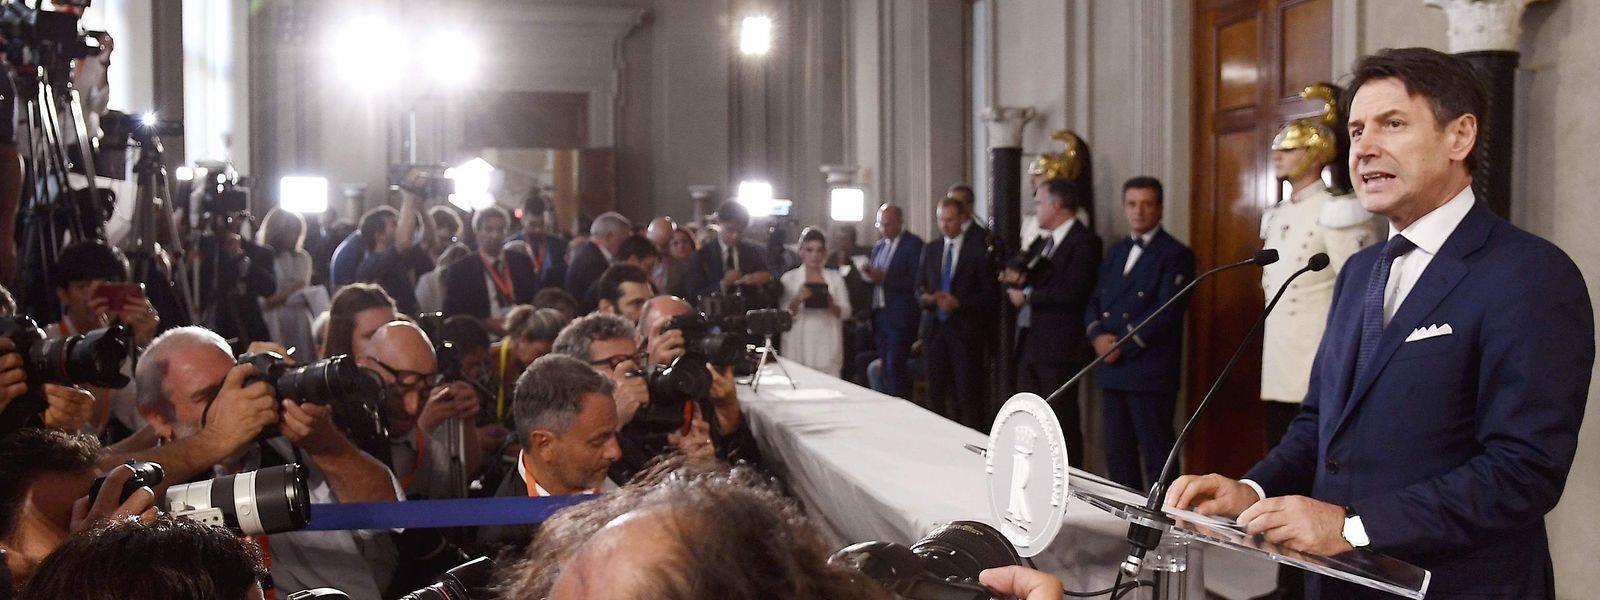 Giuseuppe Conte stellt sein Kabinett vor.